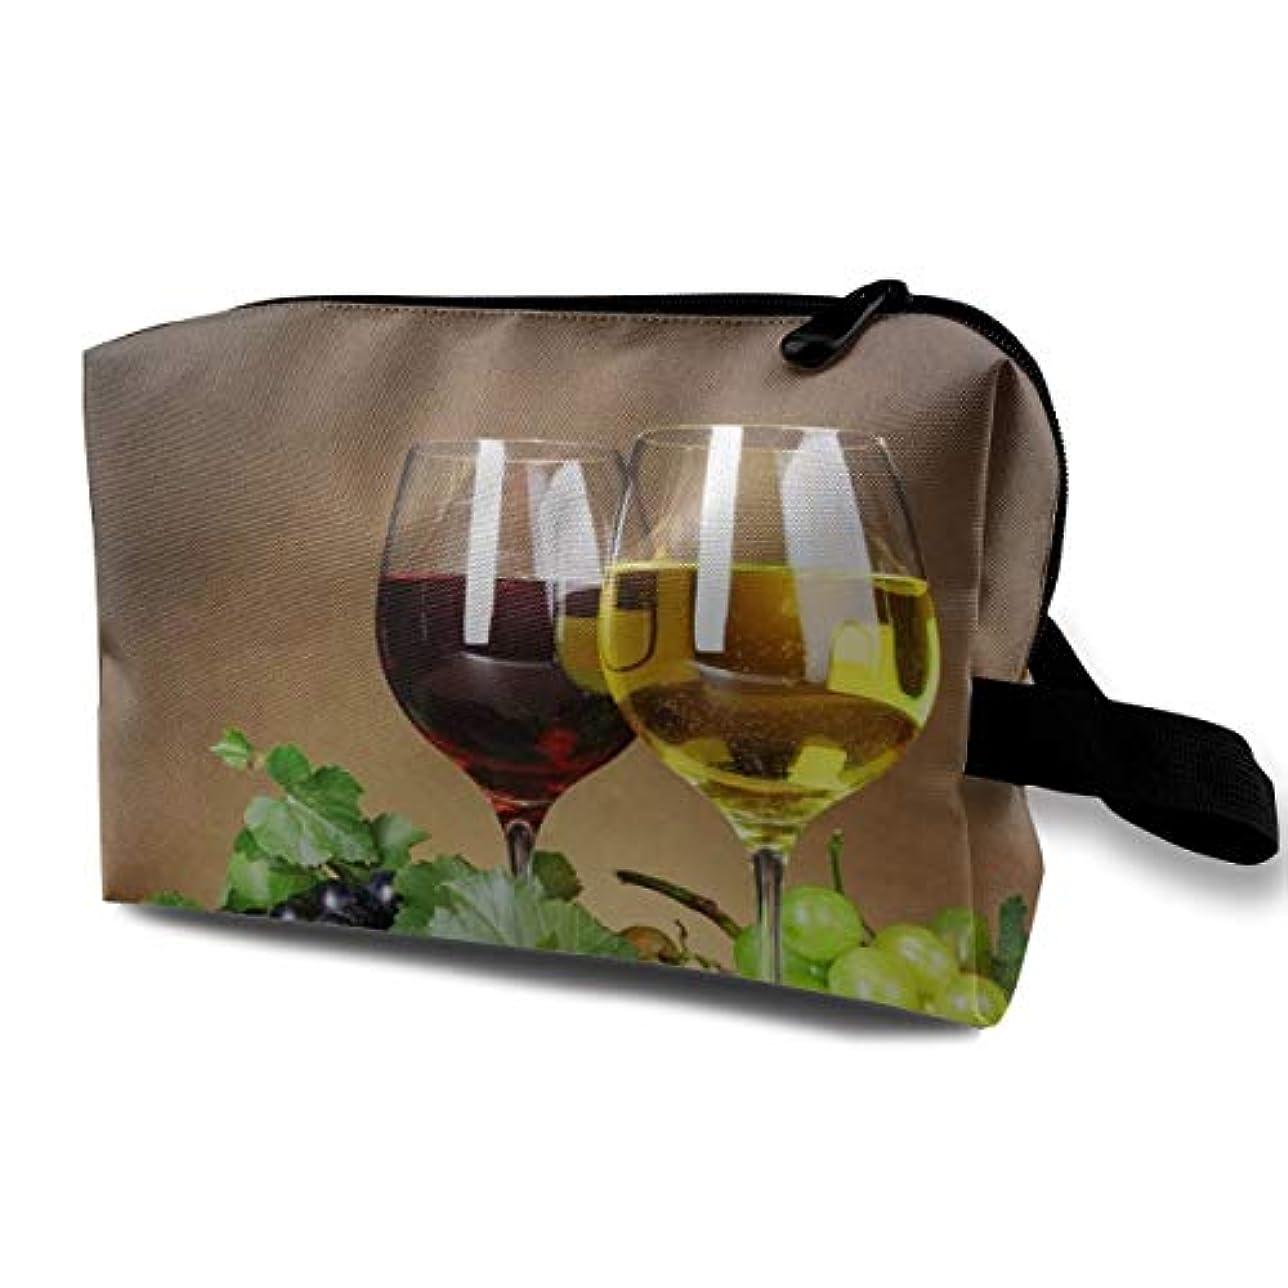 適度に毛皮今日Grape Wine 収納ポーチ 化粧ポーチ 大容量 軽量 耐久性 ハンドル付持ち運び便利。入れ 自宅?出張?旅行?アウトドア撮影などに対応。メンズ レディース トラベルグッズ